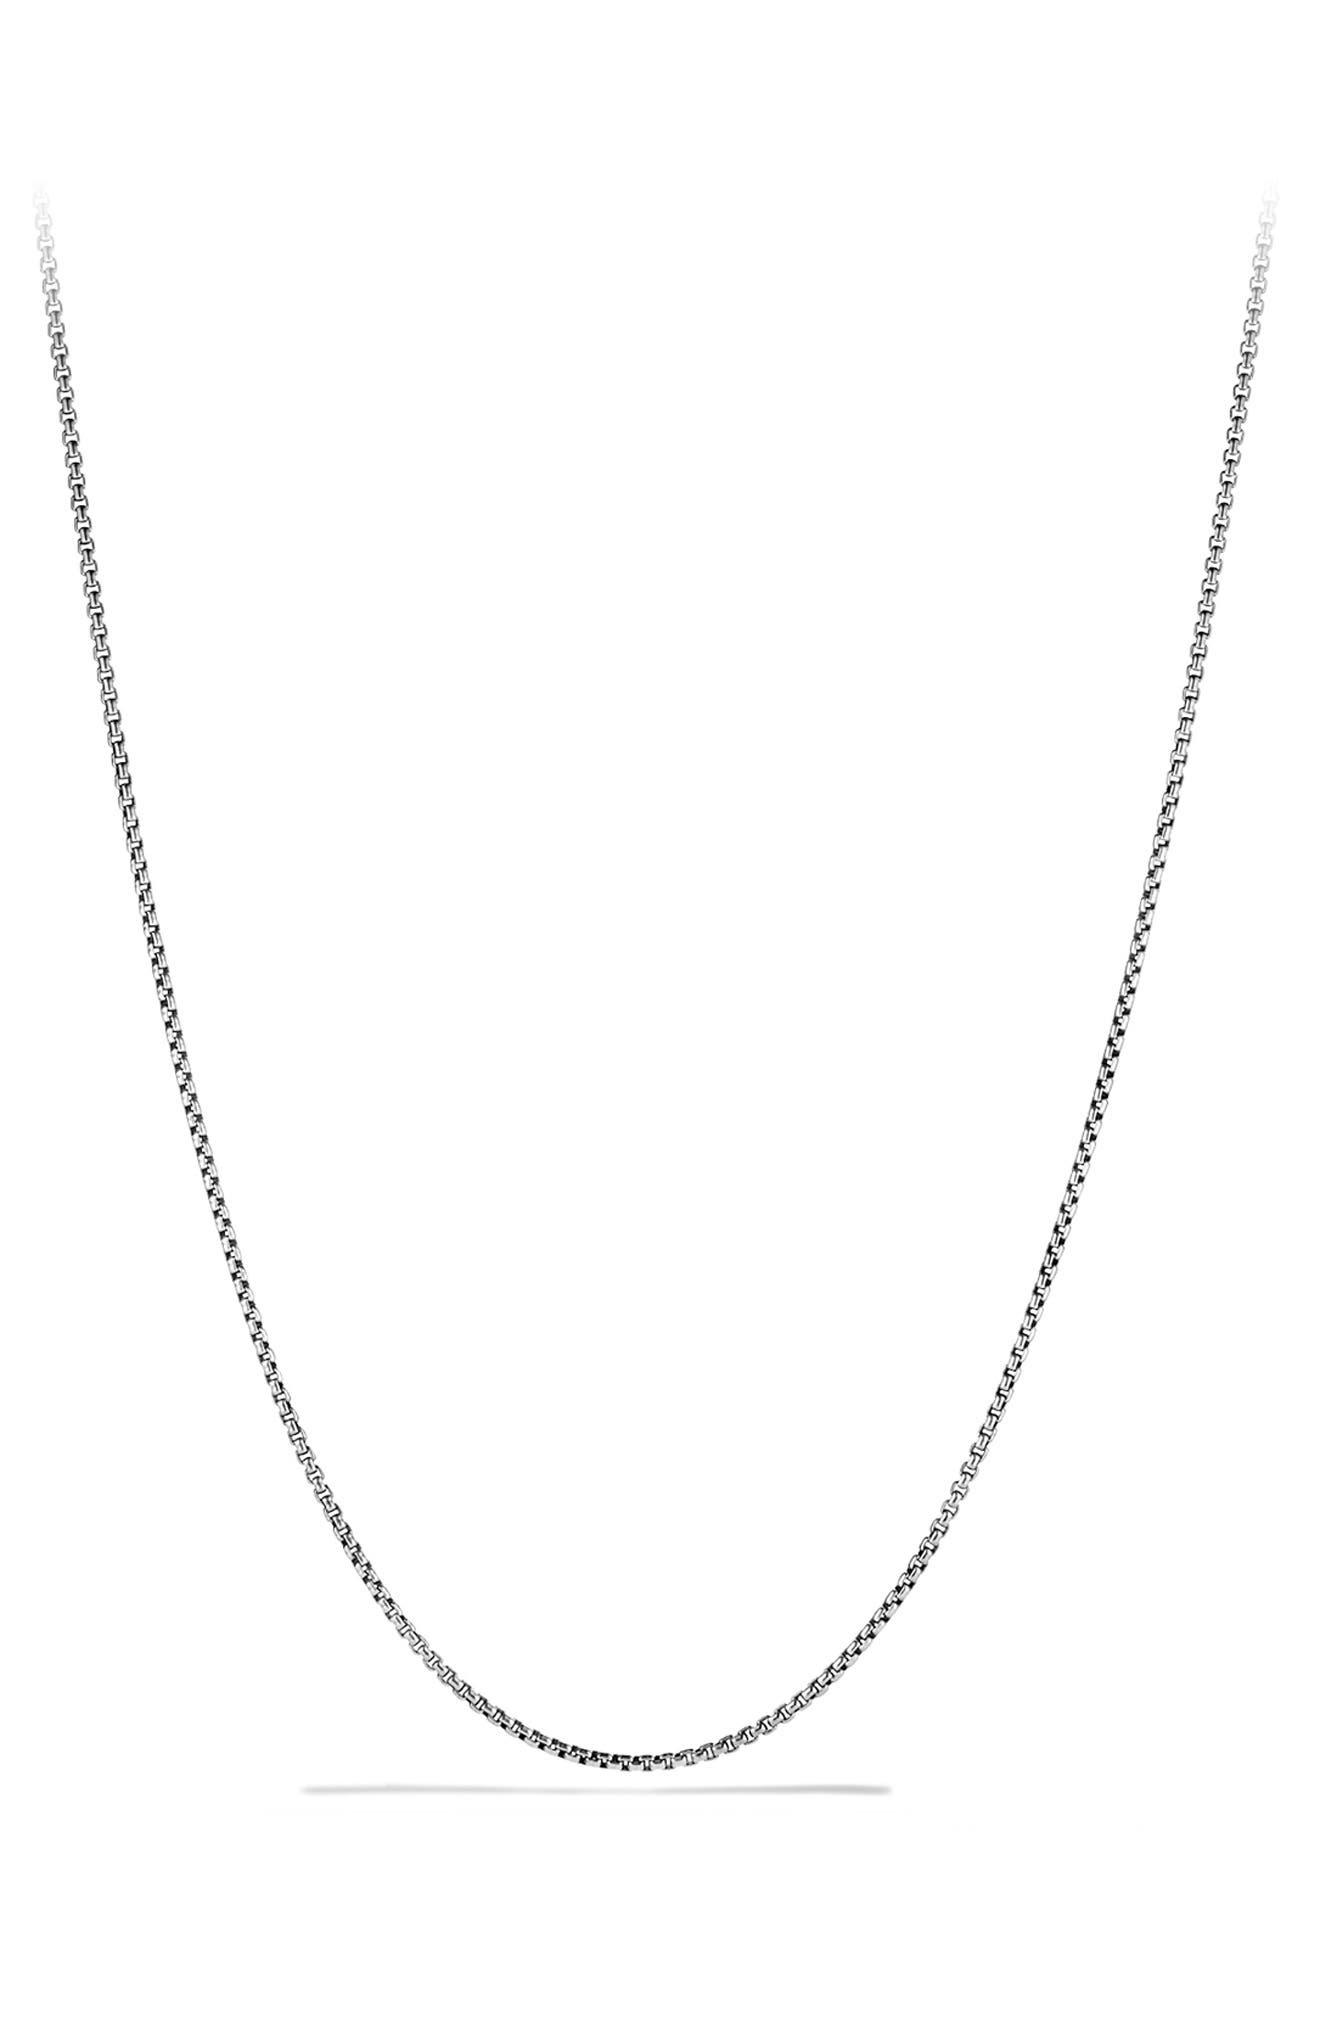 Main Image - David Yurman 'Chain' Necklace